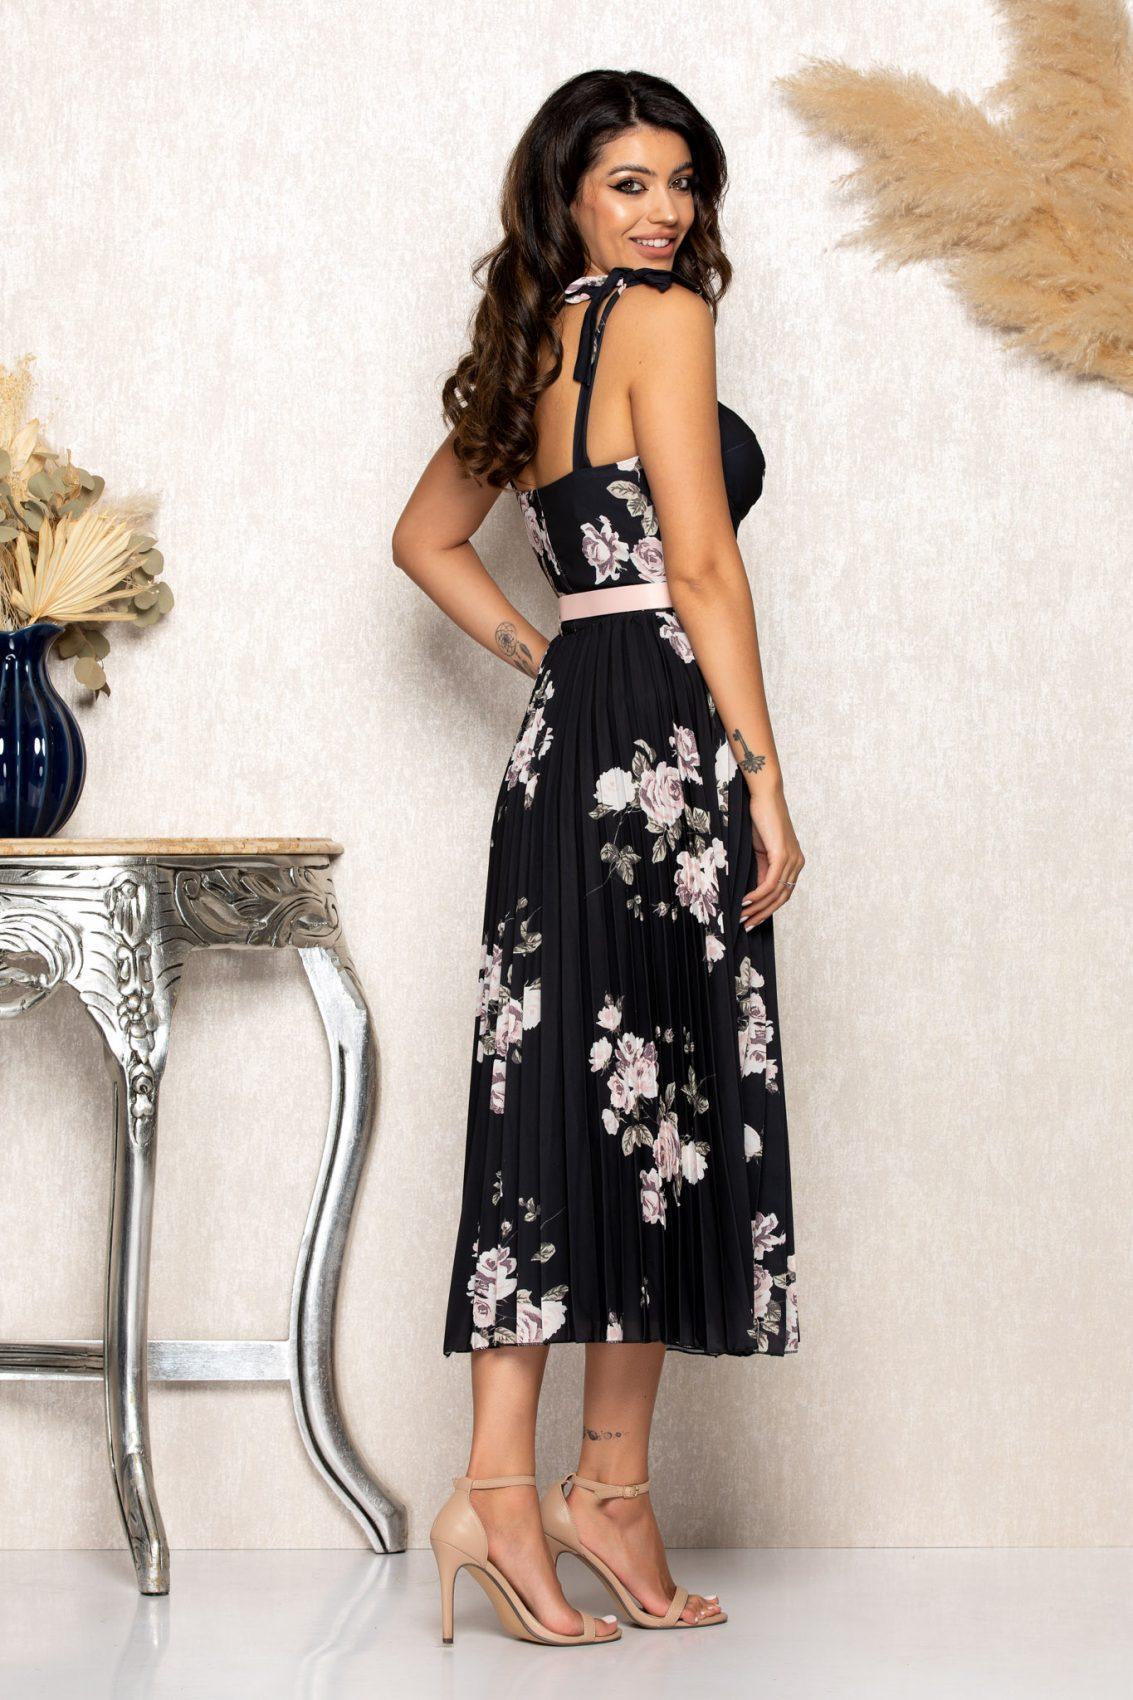 Μαύρο Φλοράλ Μίντι Φόρεμα Με Τιράντες Paloma B121 2